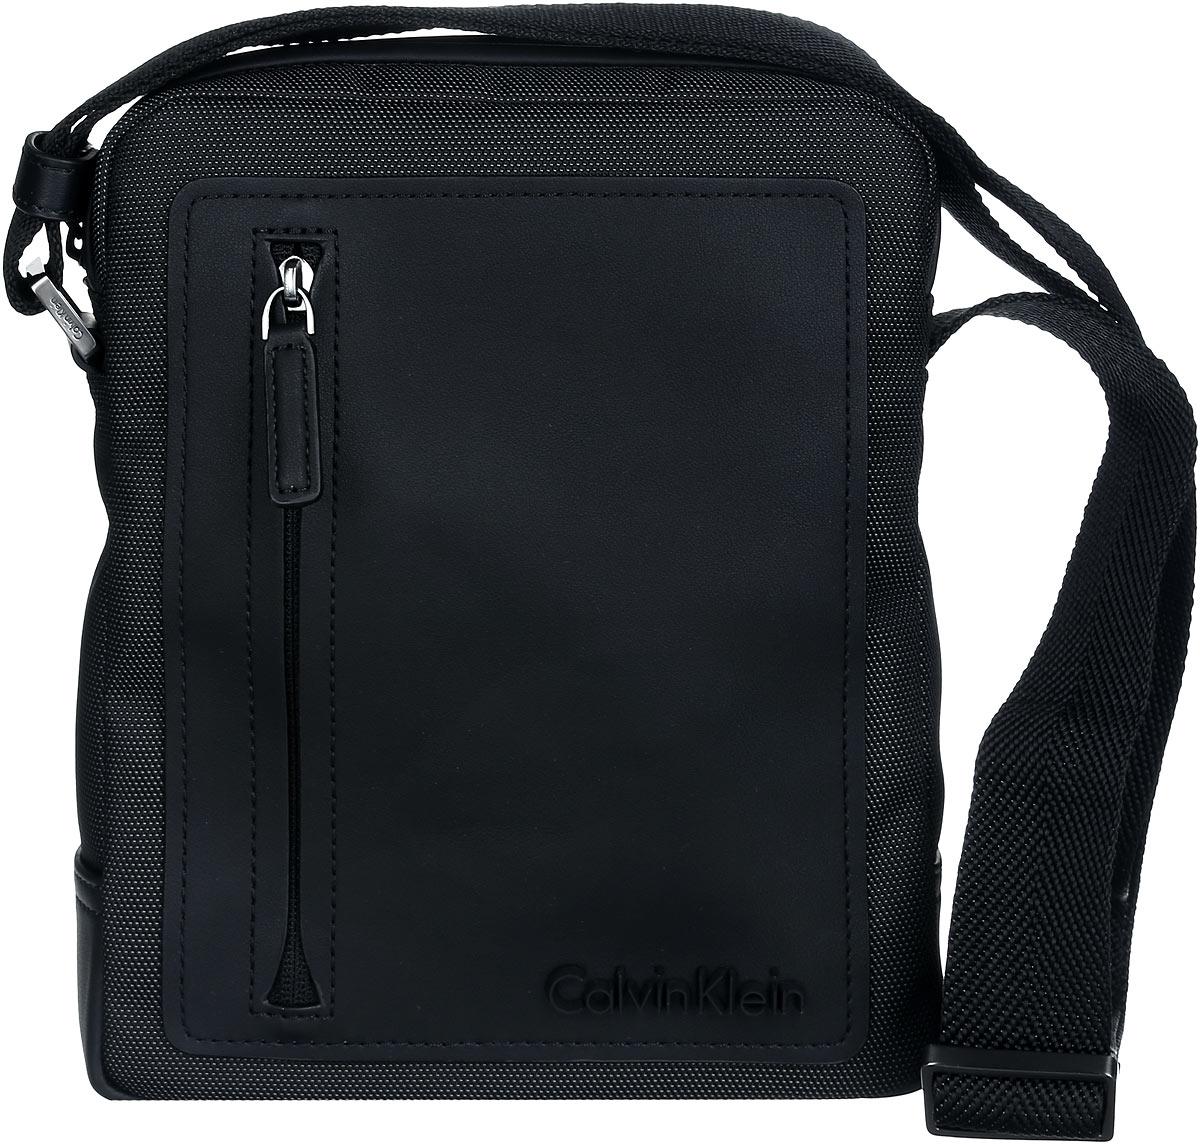 Сумка мужская Calvin Klein Jeans, цвет: черный. K50K501618_0010K50K501618_0010Стильная сумка Calvin Klein выполнена из полиуретана, оформлена символикой бренда.Изделие содержит одно отделение, которое закрывается на застежку-молнию. Внутри сумки размещены два накладных кармашка для мелочей и врезной карман на застежке-молнии. Сумка оснащена плечевым ремнем регулируемой длины. Лицевая сторона дополнена накладным карманом на молнии. В комплекте с изделием поставляется чехол для хранения.Модная сумка идеально подчеркнет ваш неповторимый стиль.